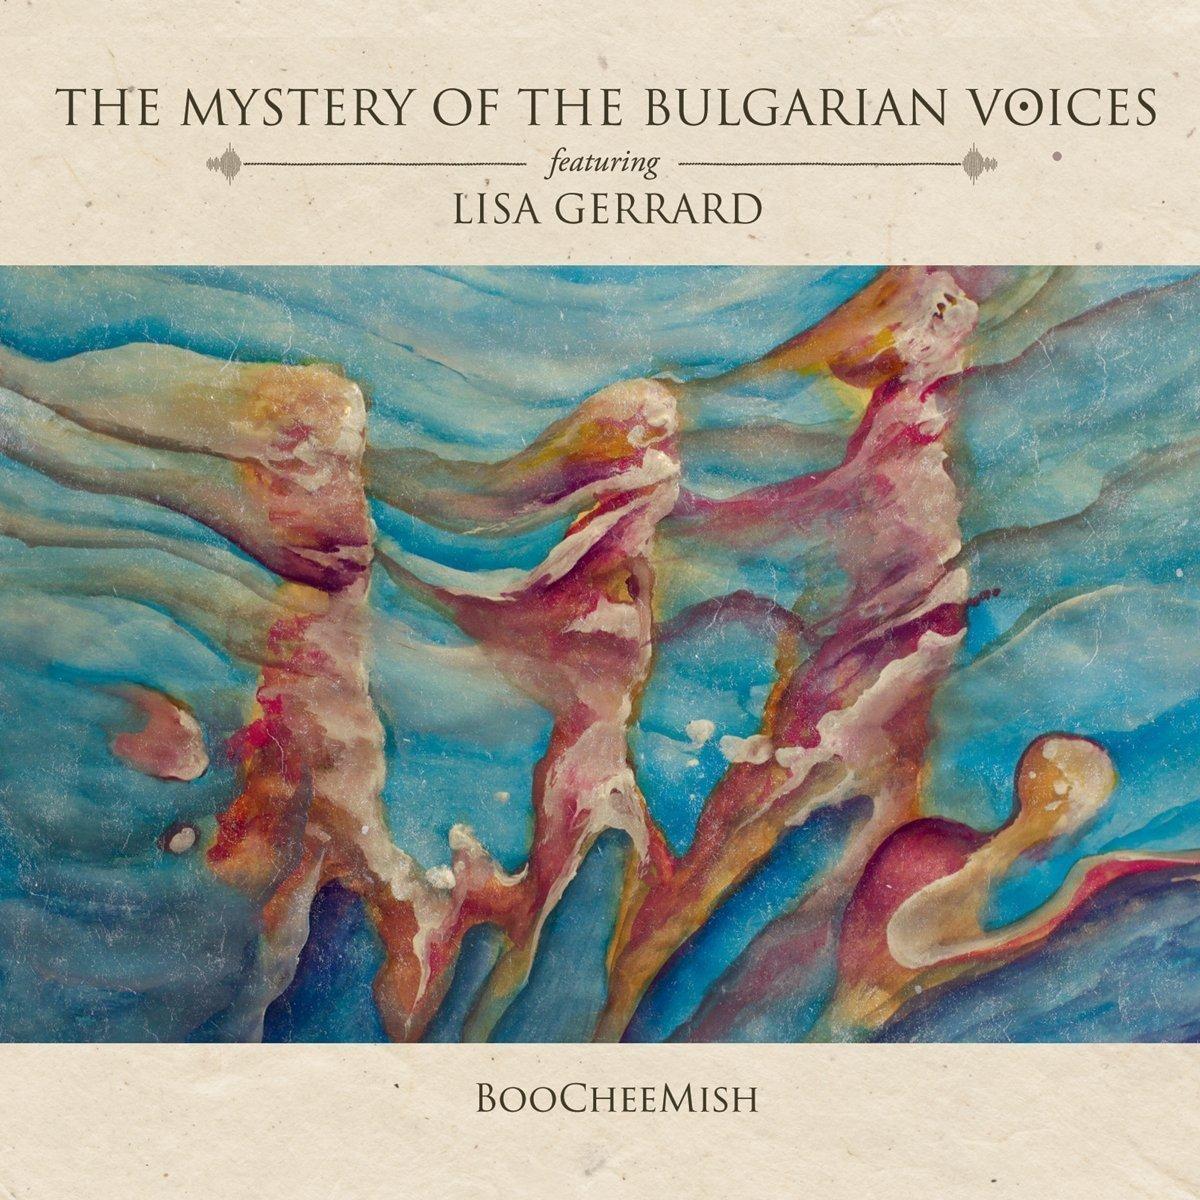 SACD : Mystery of the Bulgarian Voices Feat. Lisa Gerrard - Boocheemish (SACD)